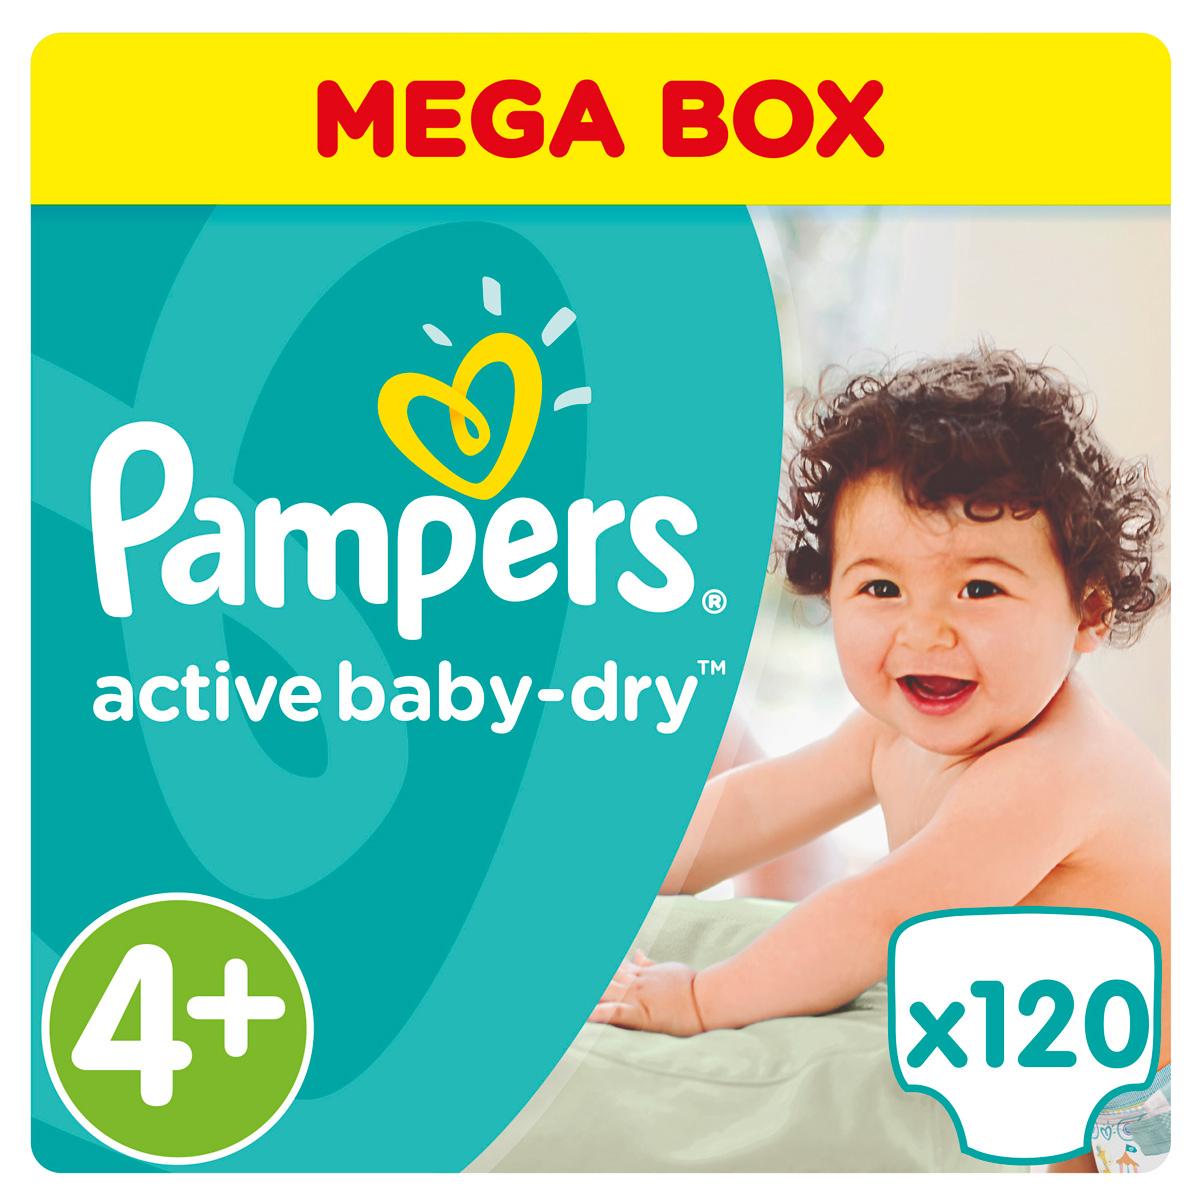 Фото Pampers Подгузники Active Baby-Dry 9-16 кг (размер 4+) 120 шт. Покупайте с доставкой по России